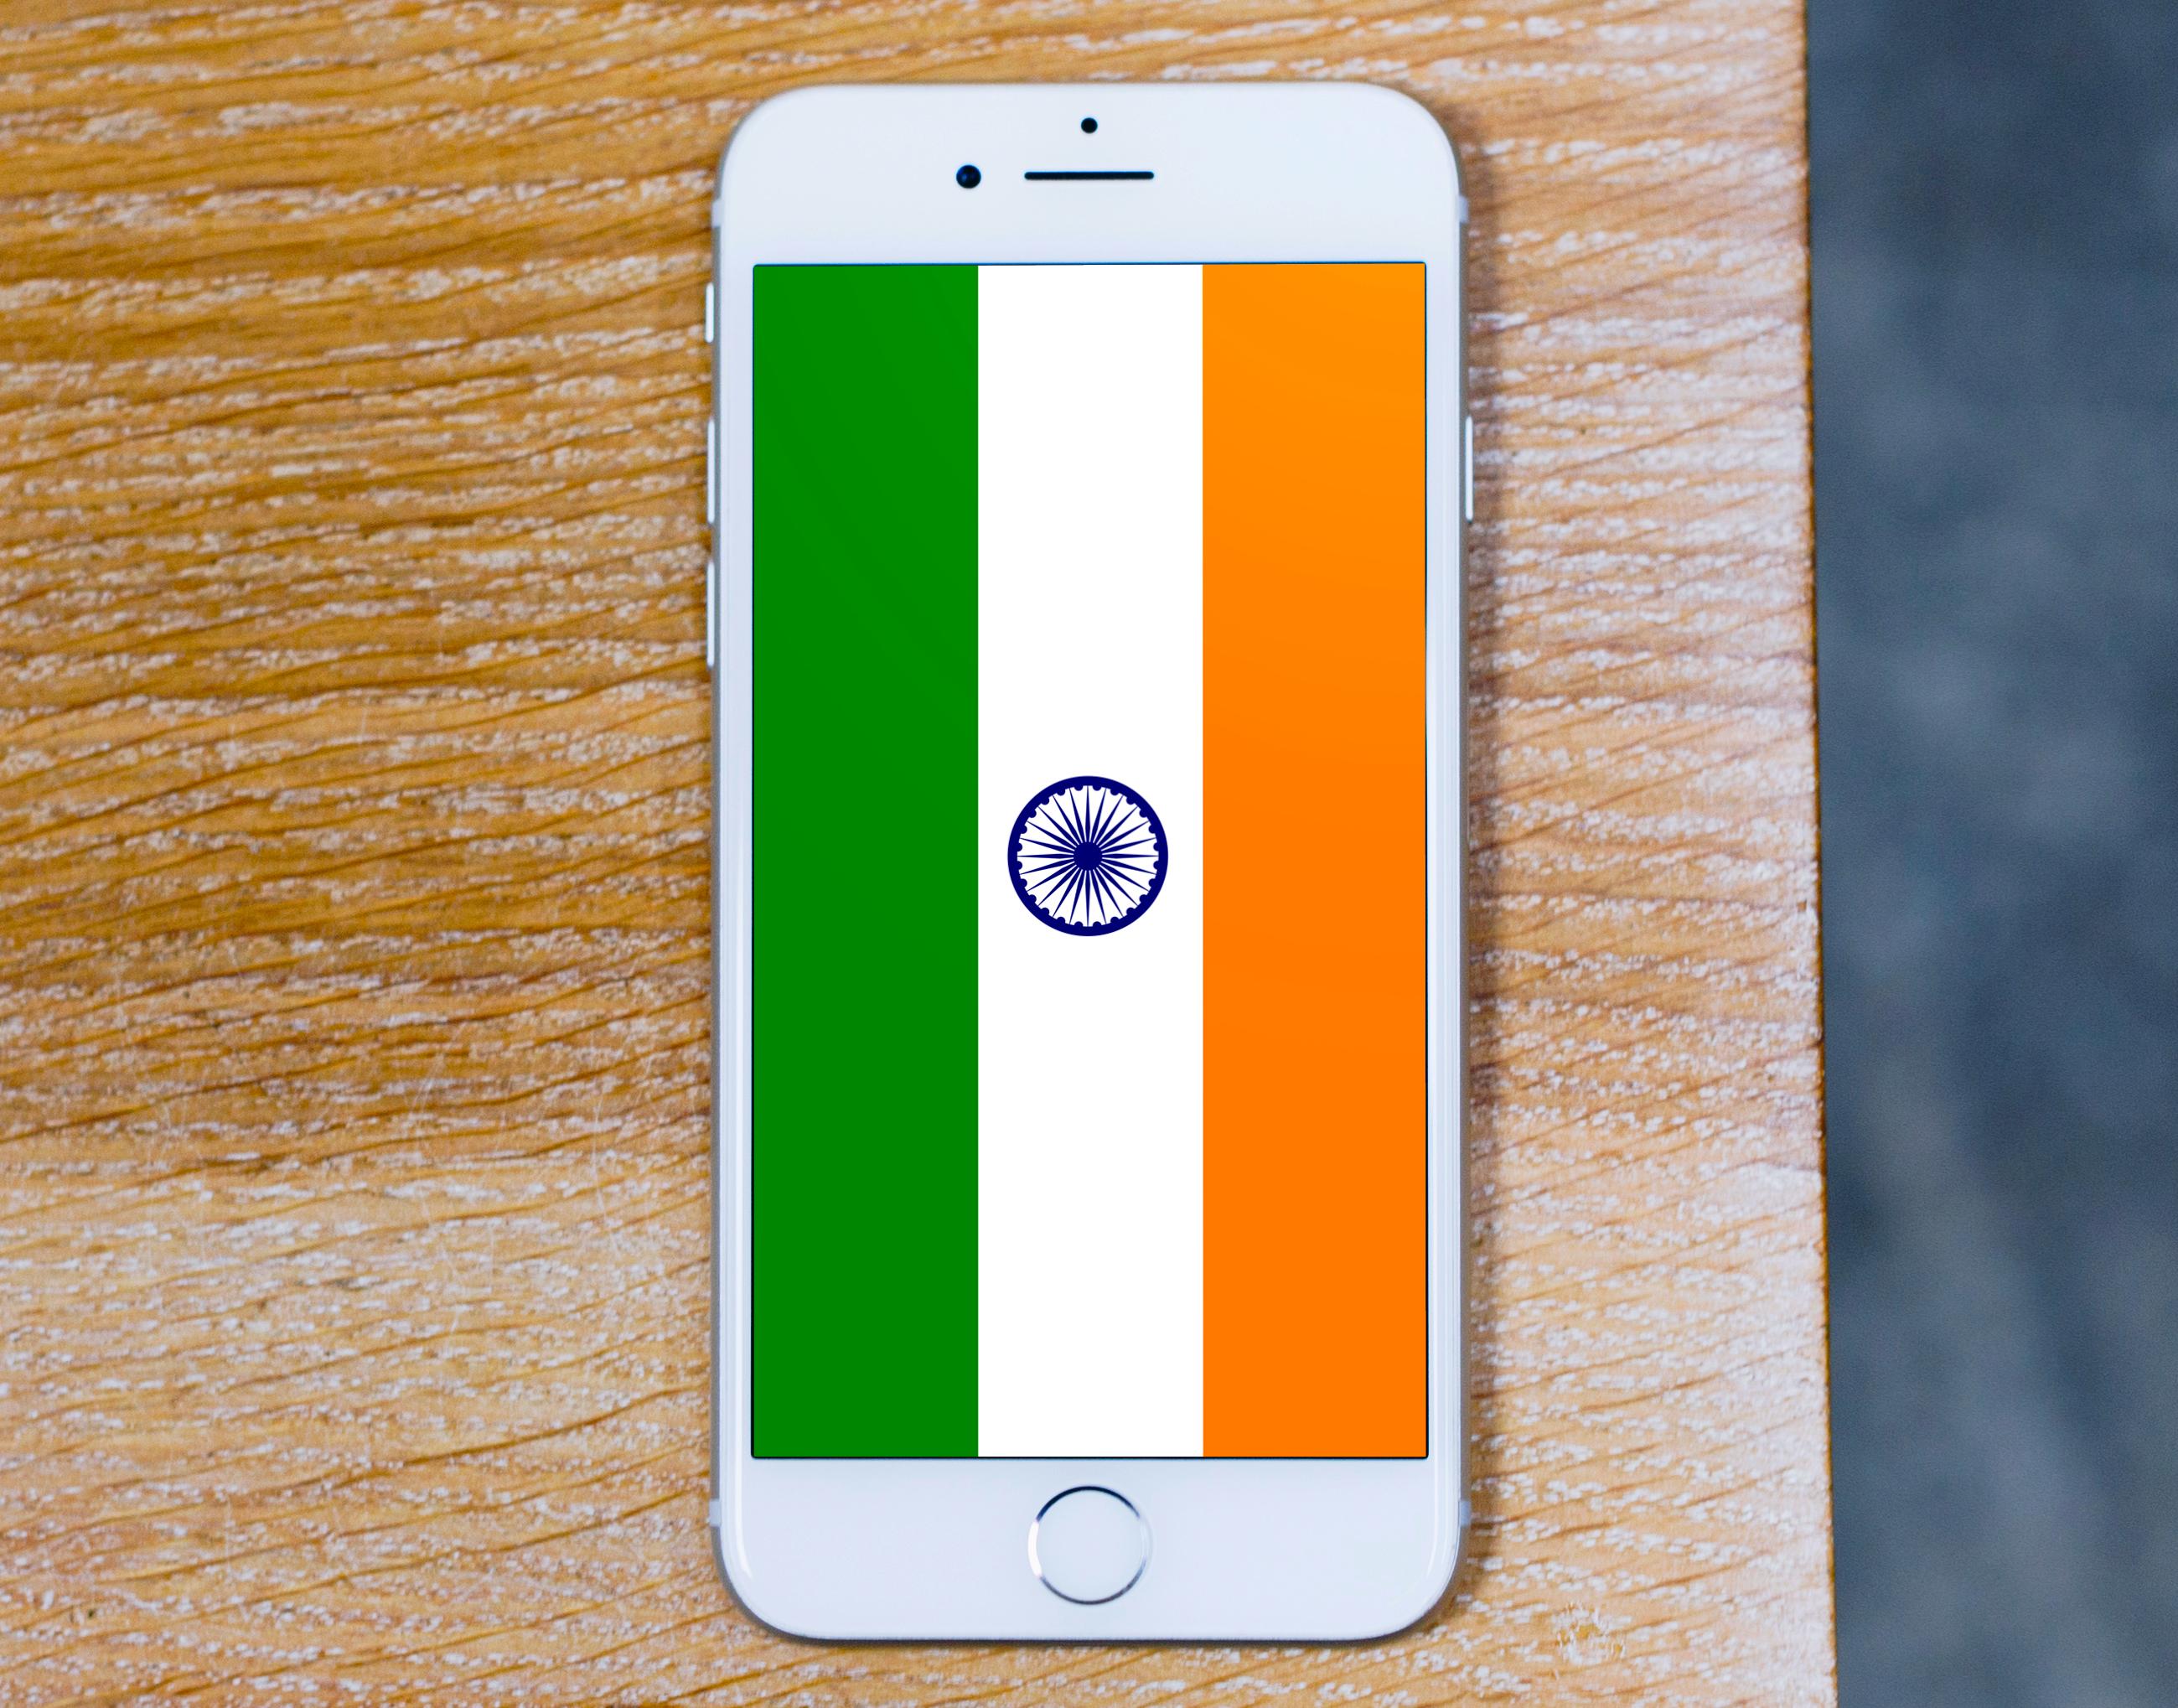 Difficile marché Indien pour Apple : l'iPhone coincé dans un segment ultra-luxe 1